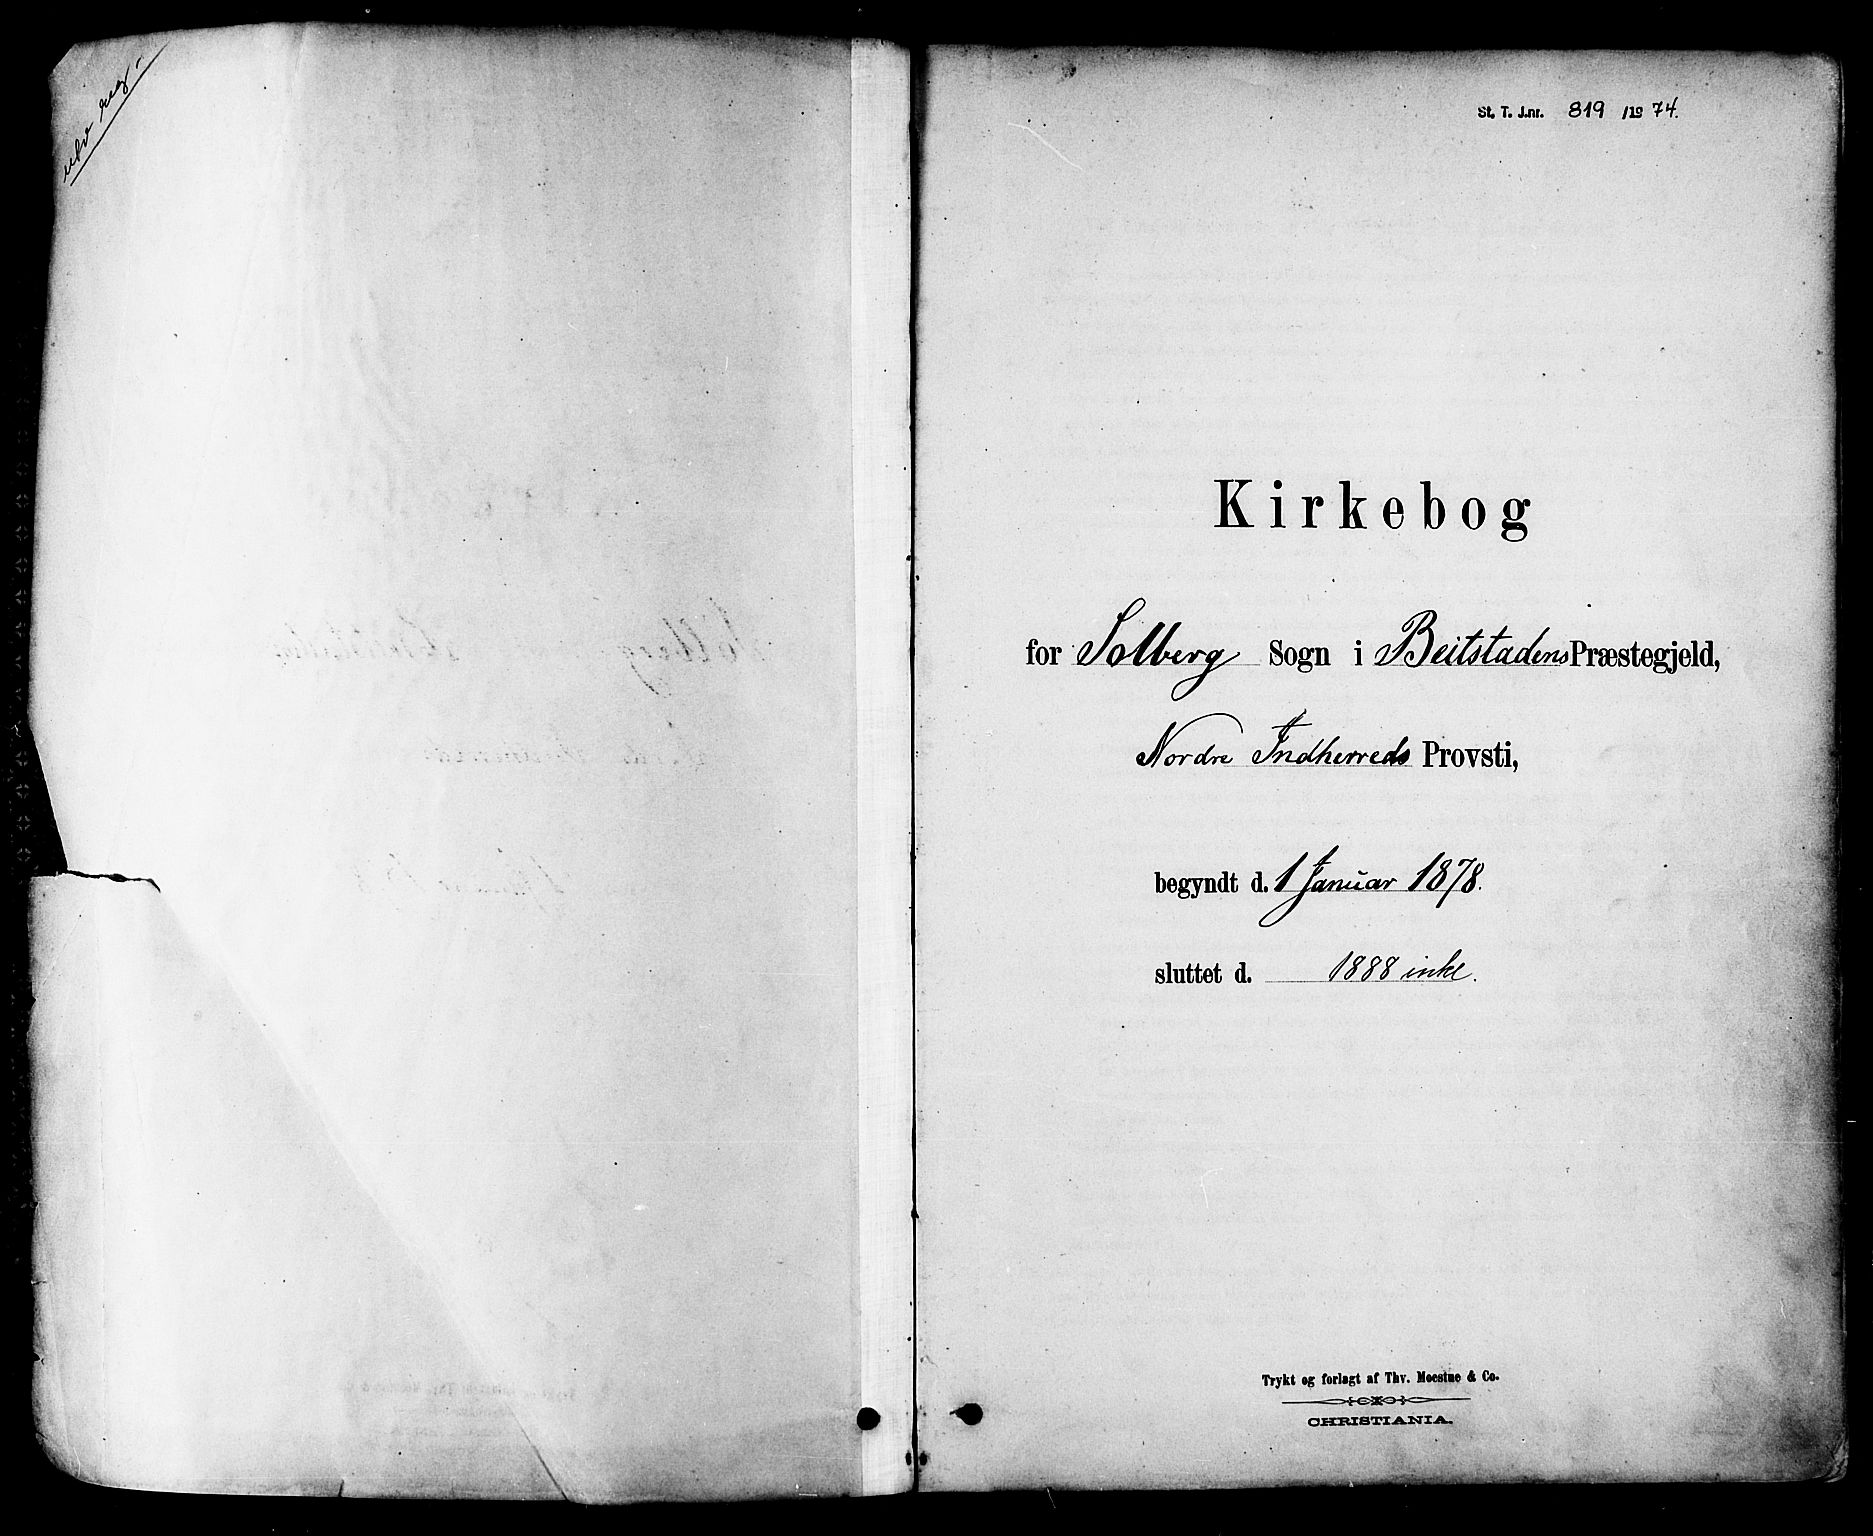 SAT, Ministerialprotokoller, klokkerbøker og fødselsregistre - Nord-Trøndelag, 741/L0395: Ministerialbok nr. 741A09, 1878-1888